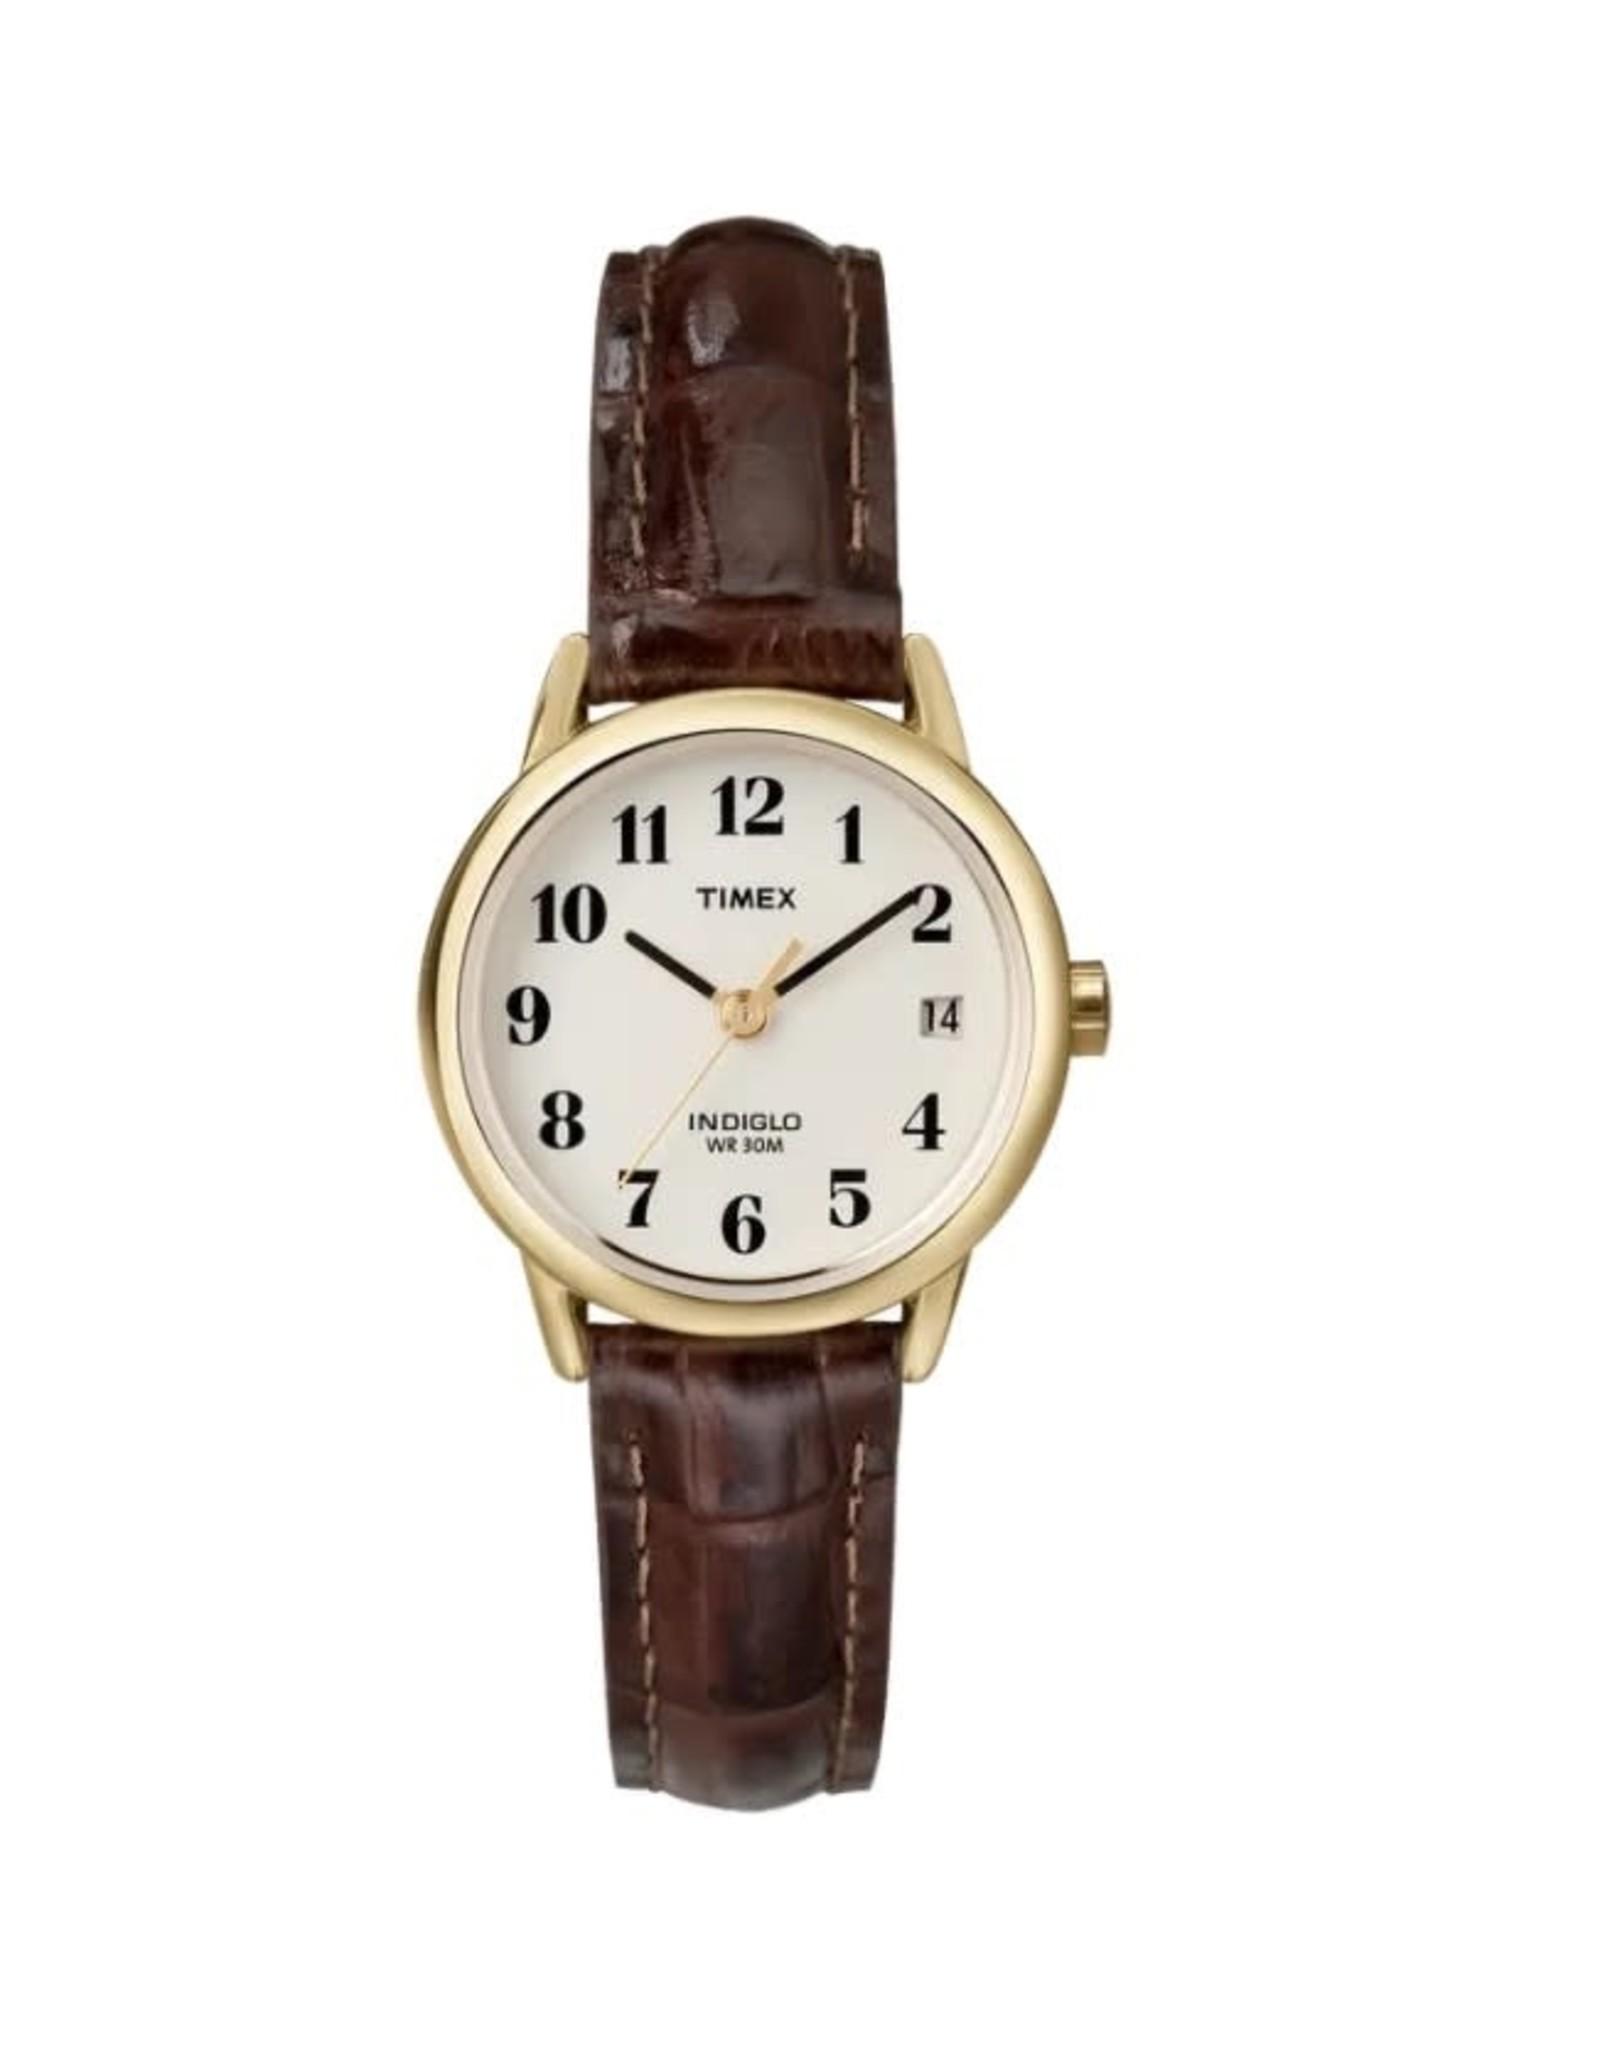 Timex Montre dorée Timex avec bracelet brun